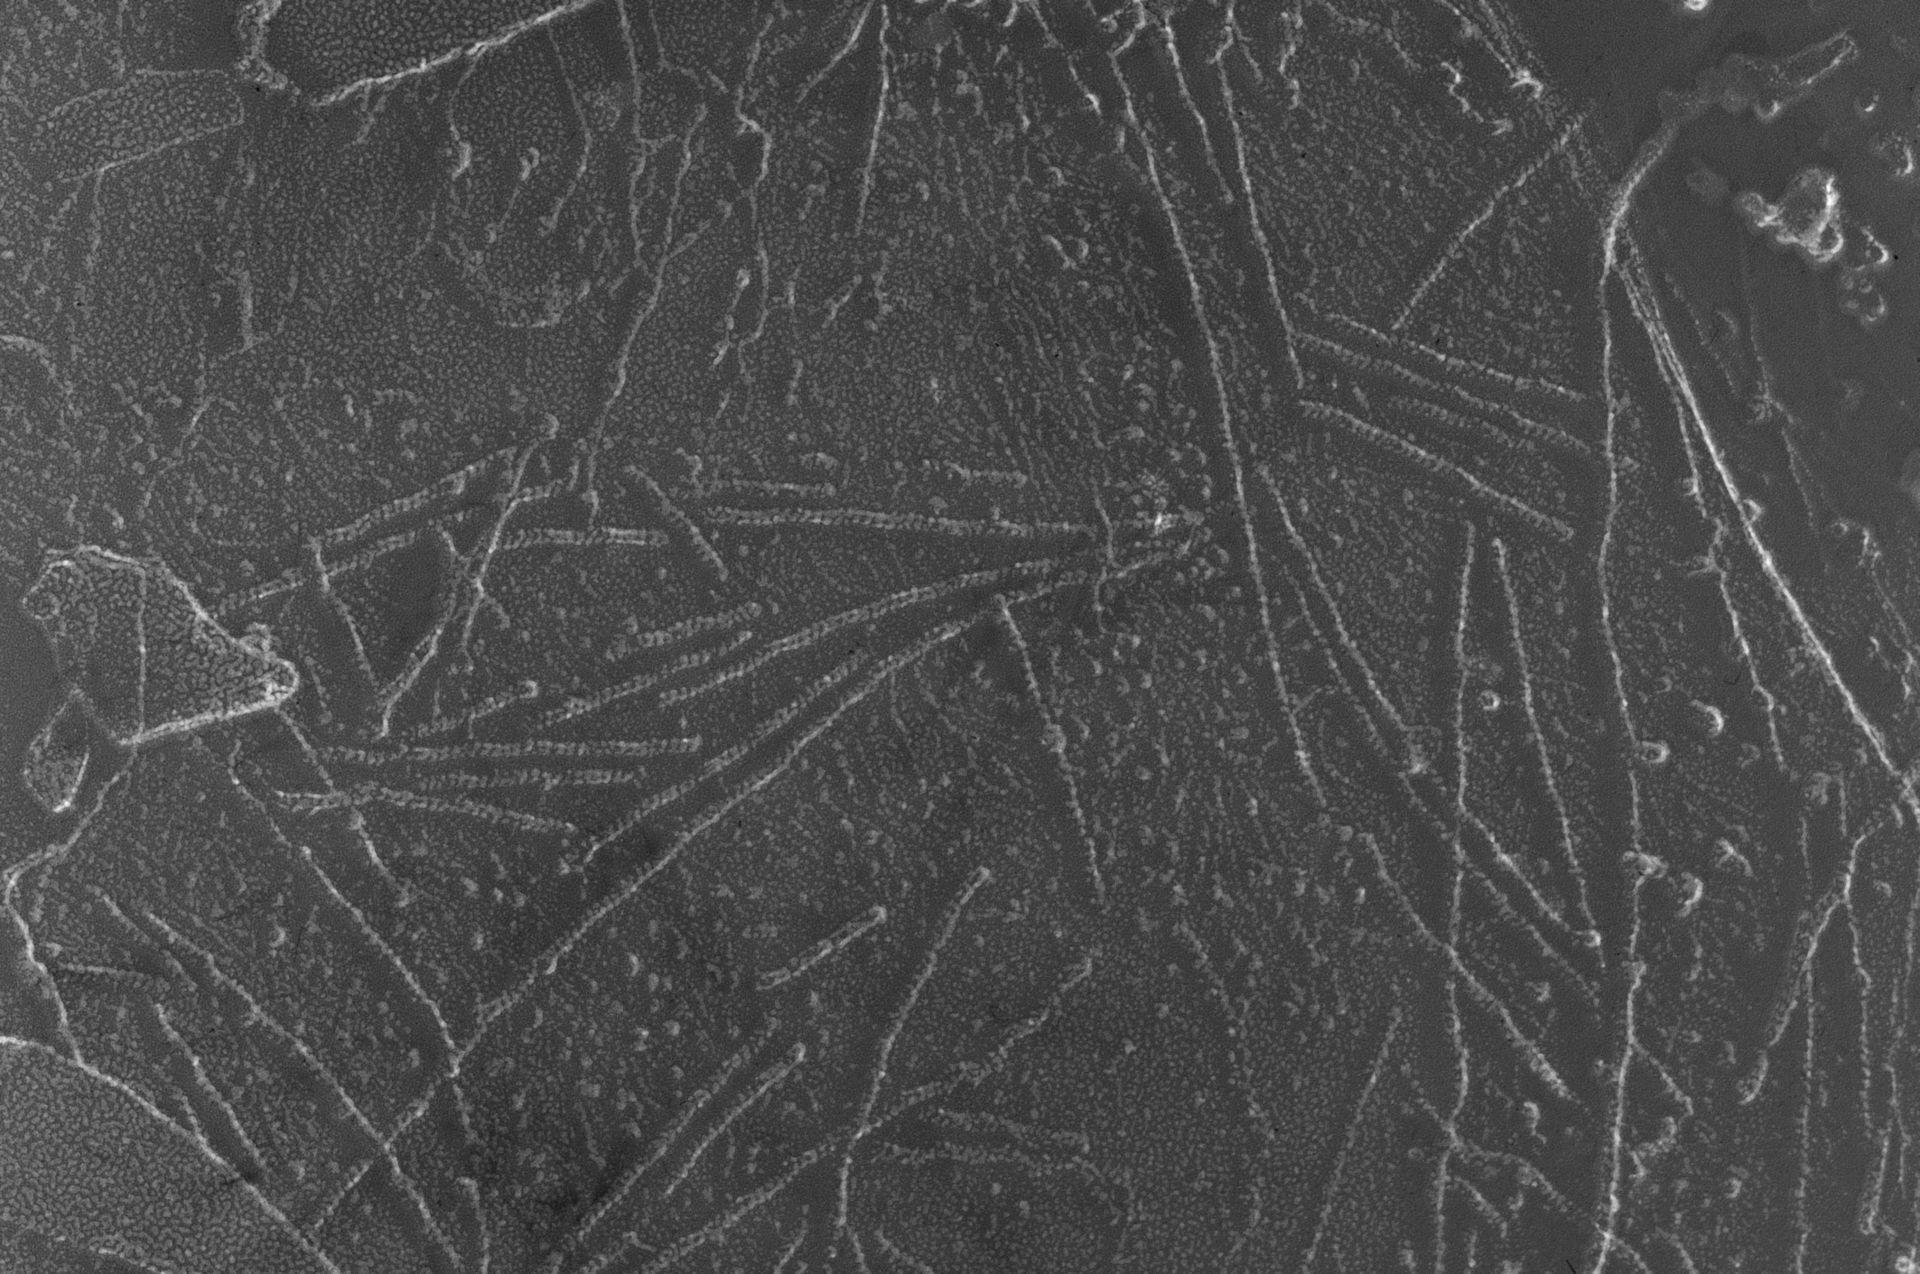 Oryctolagus cuniculus (Cytoskeleton) - CIL:6269